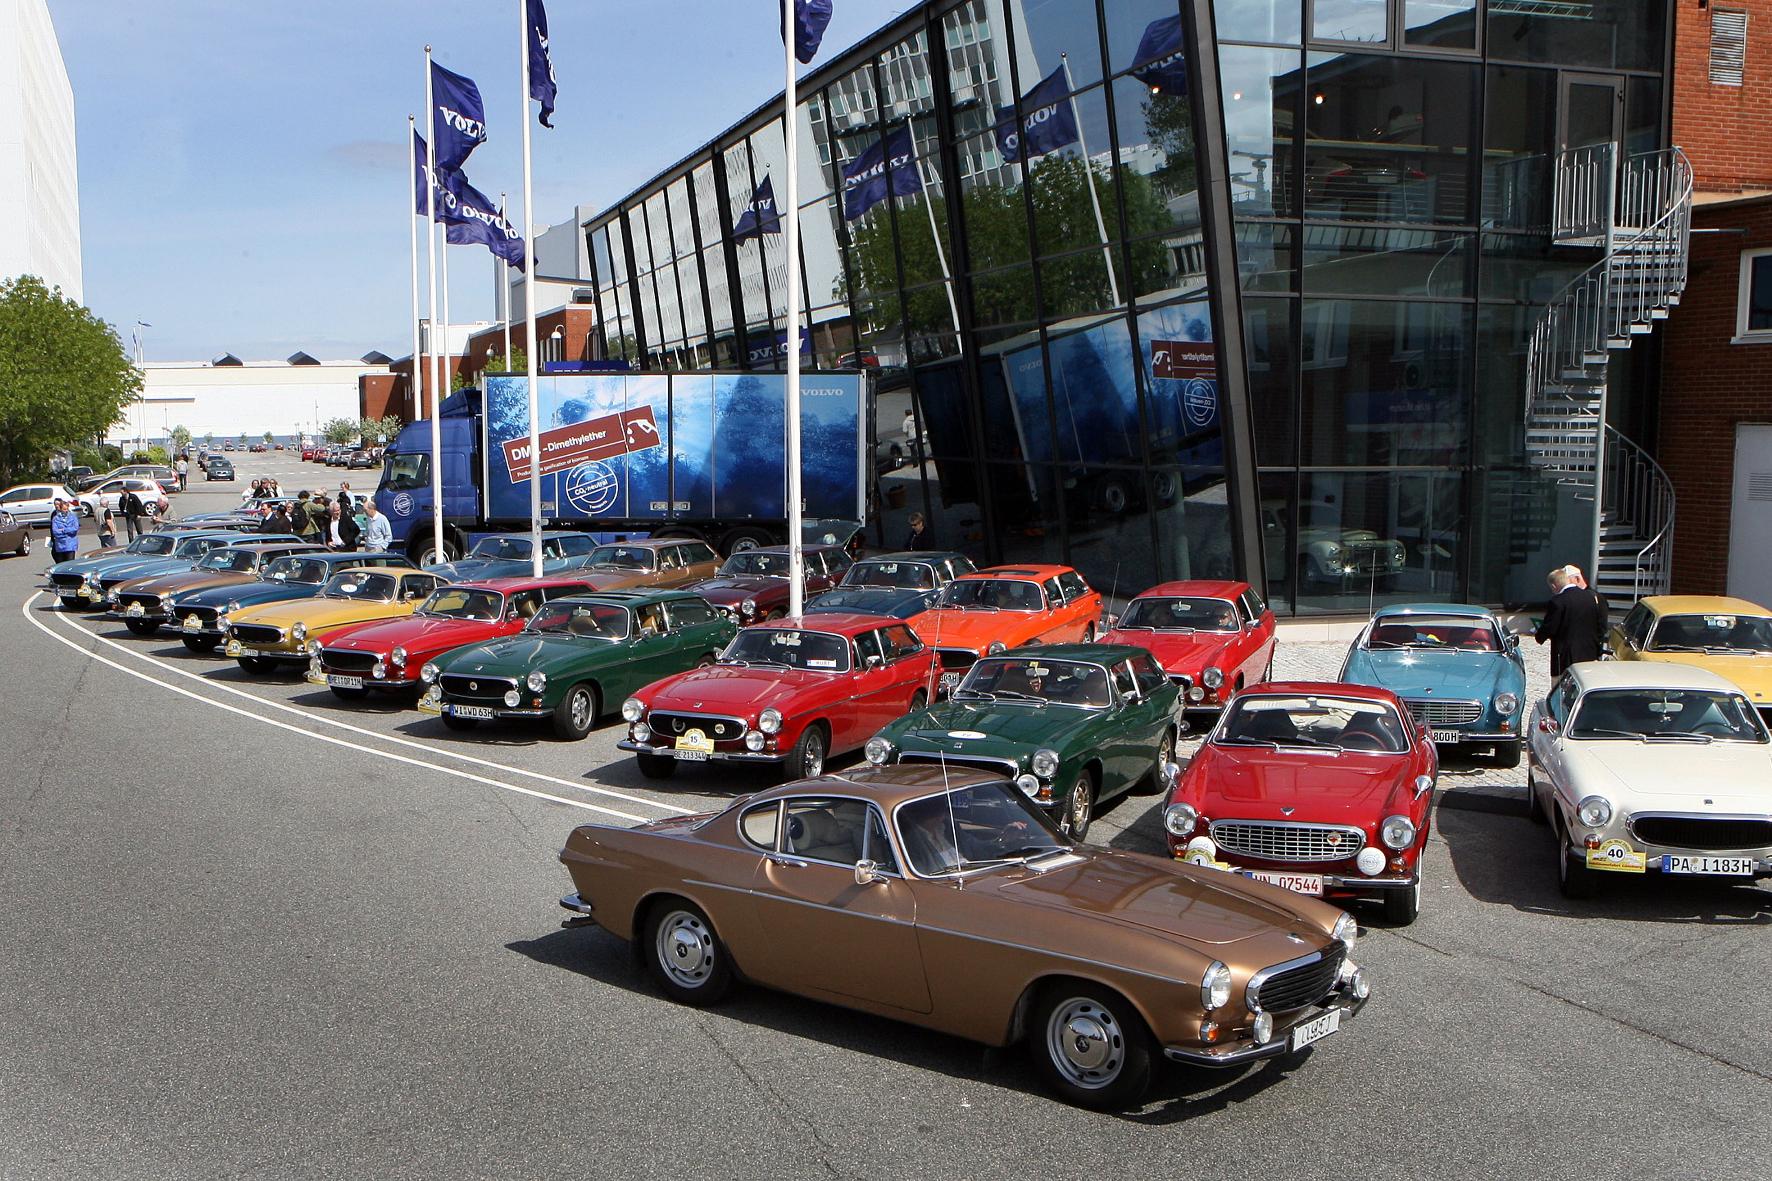 mid Groß-Gerau - Europäische Volvo-Fanclubs mit historischen P1800-Modellenzu Gast in Schweden. Volvo